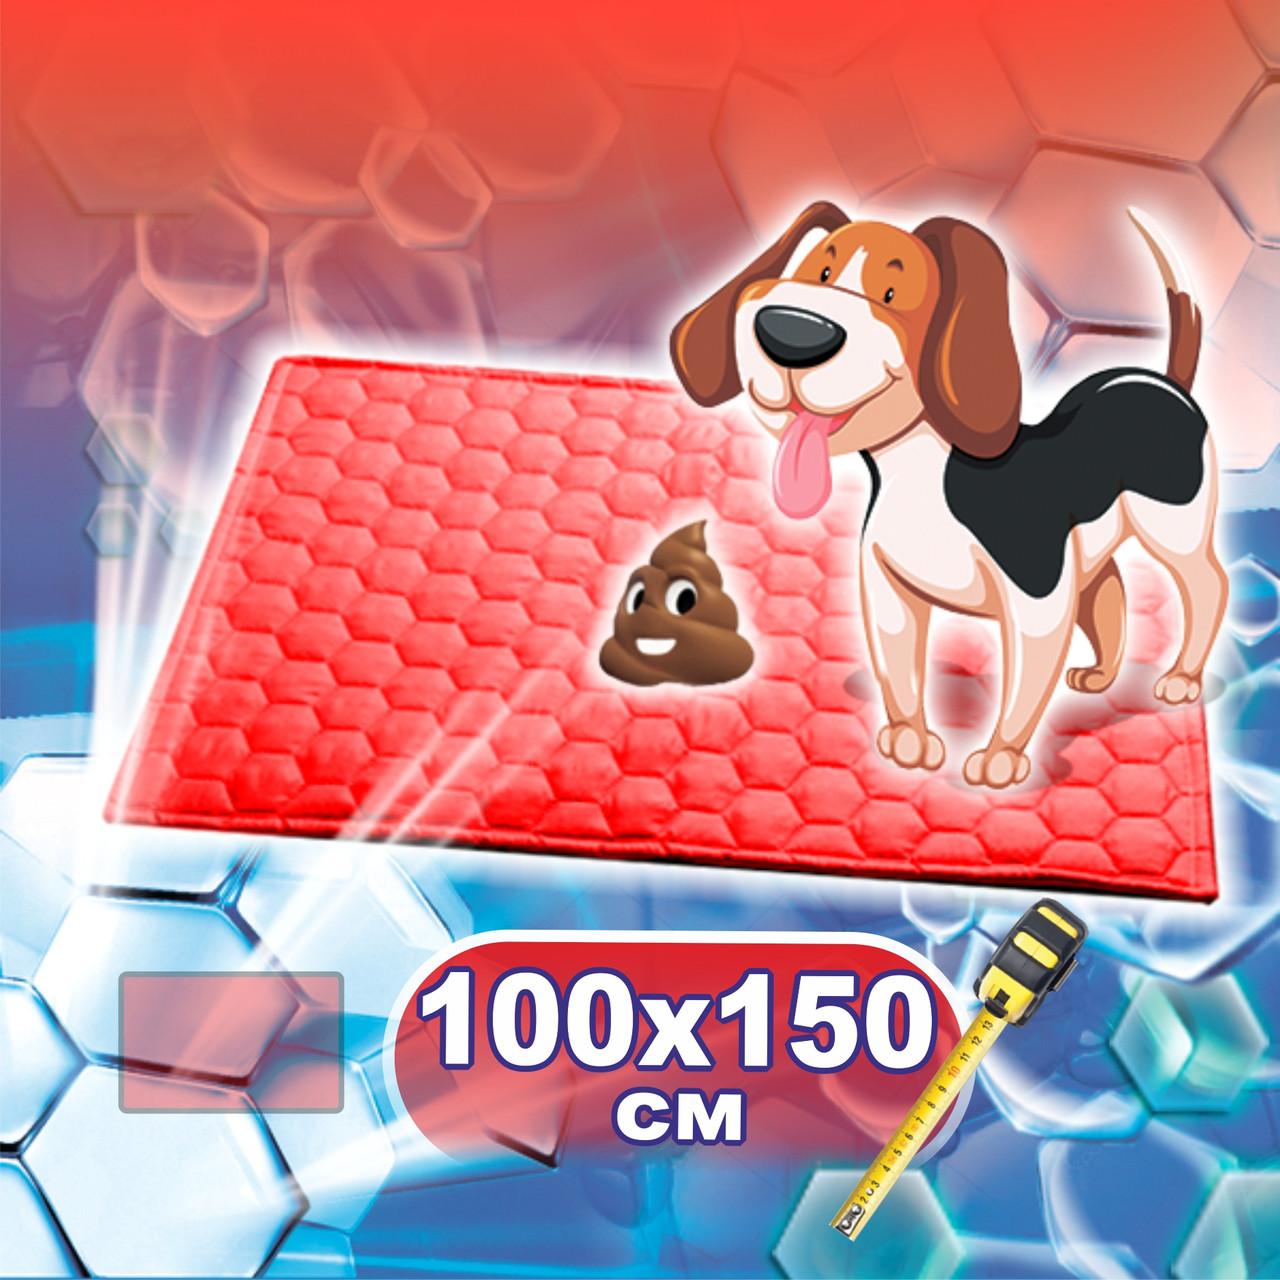 Многоразовая пеленка для собак 100х150 см непромокаемая красная